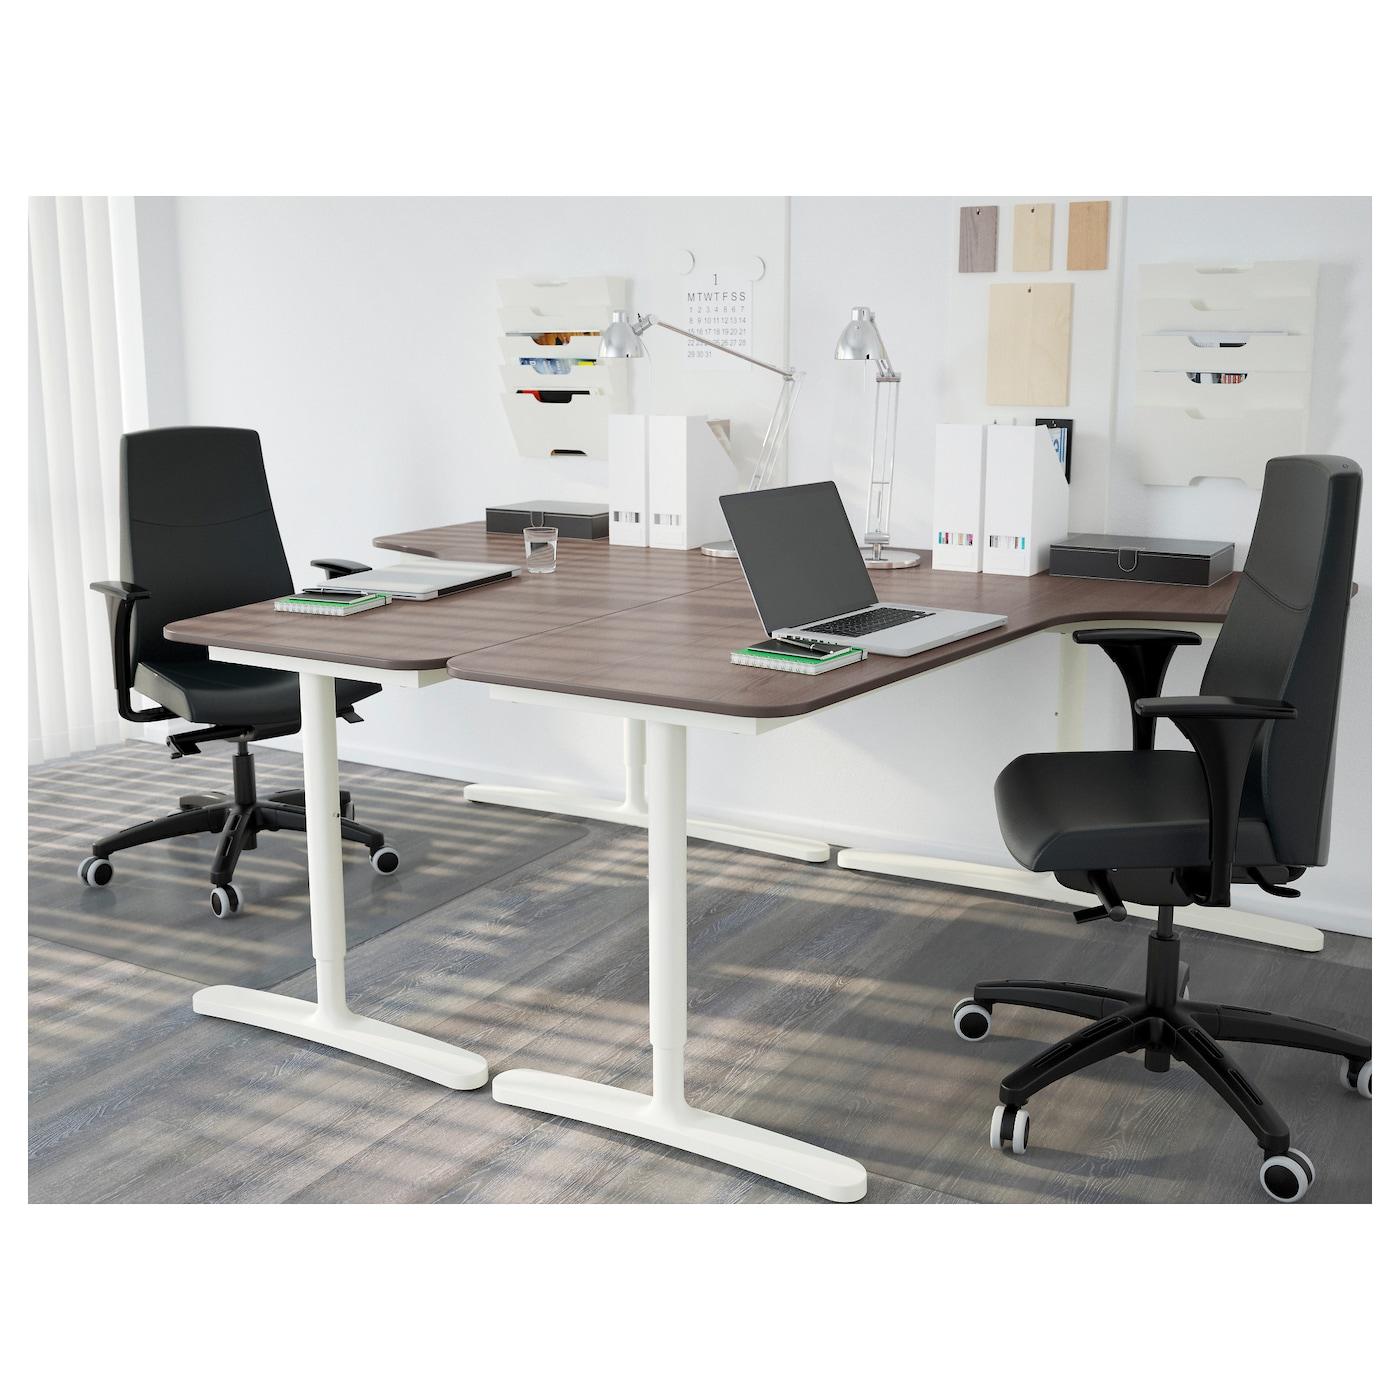 bekant bureau d 39 angle gch gris blanc 160 x 110 cm ikea. Black Bedroom Furniture Sets. Home Design Ideas